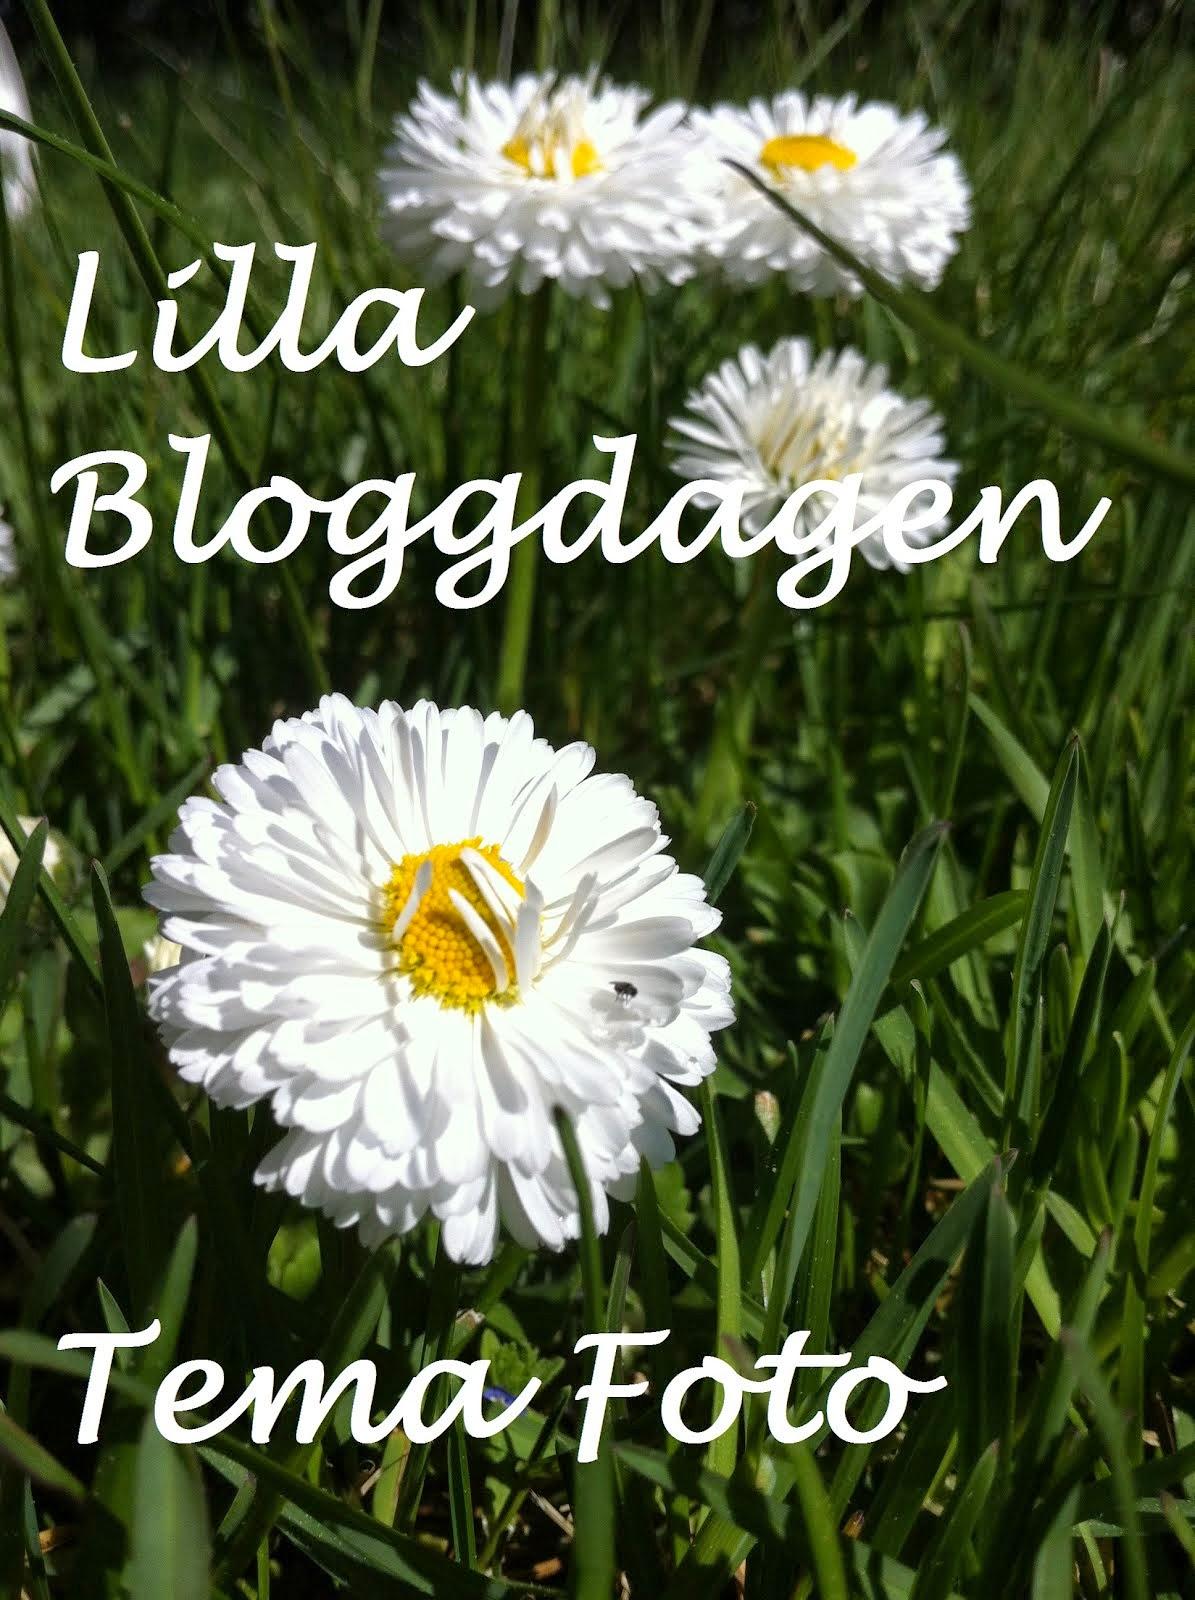 Bloggdagen